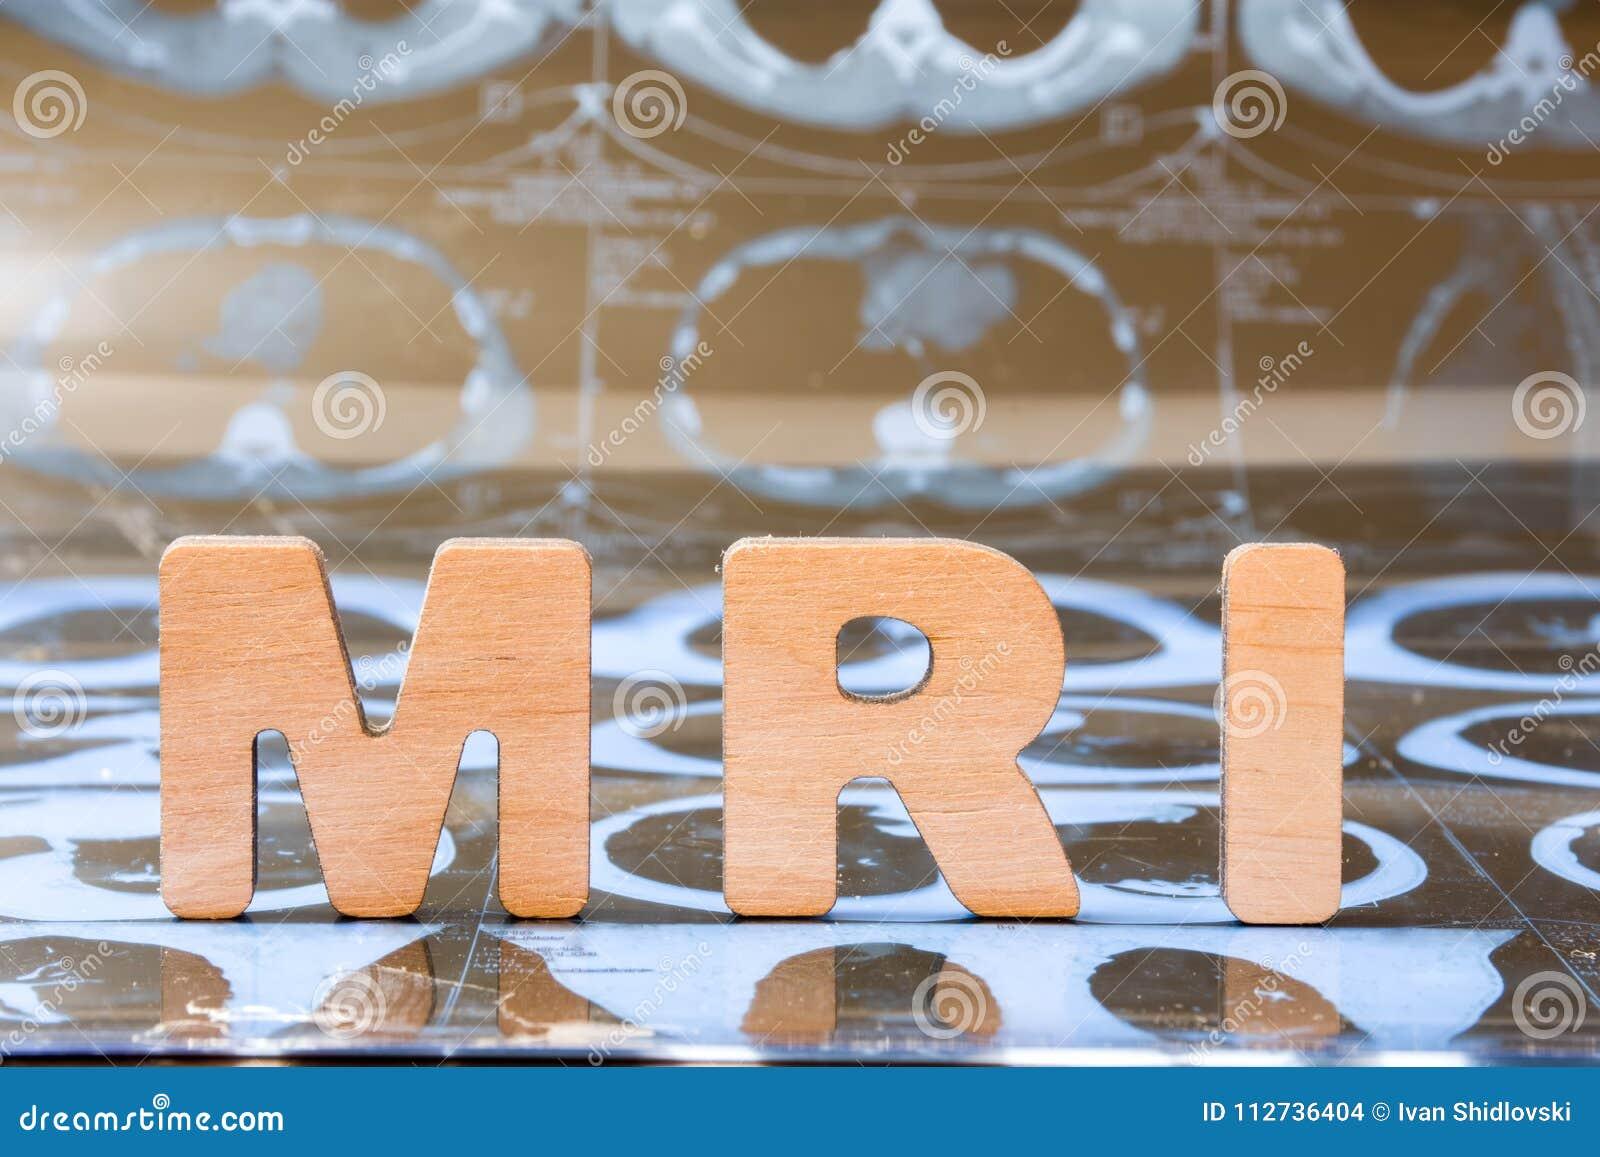 La Proyección De Imagen De Resonancia Magnética Clínica De MRI Le ...